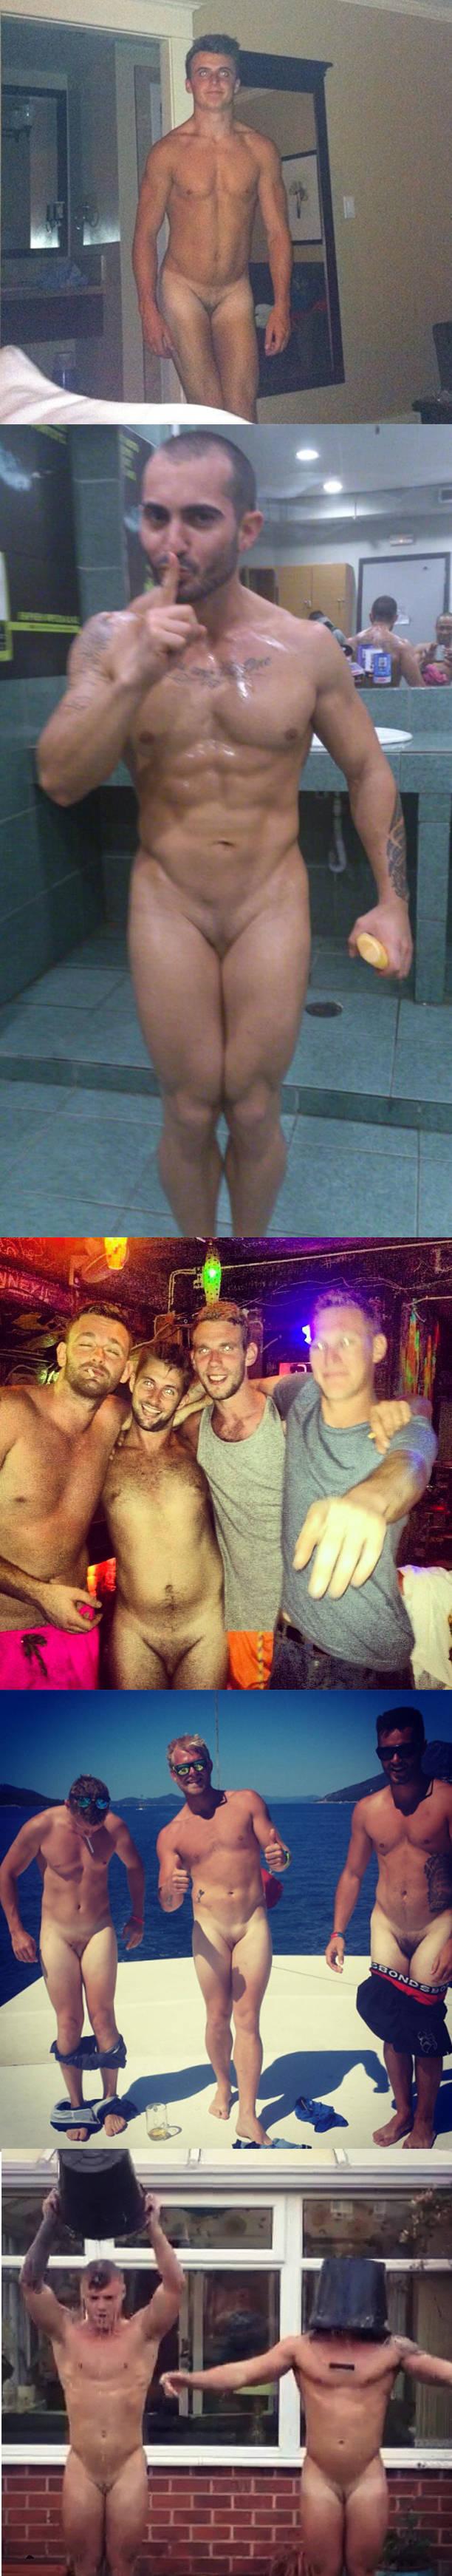 amateur straight guys naked mangina